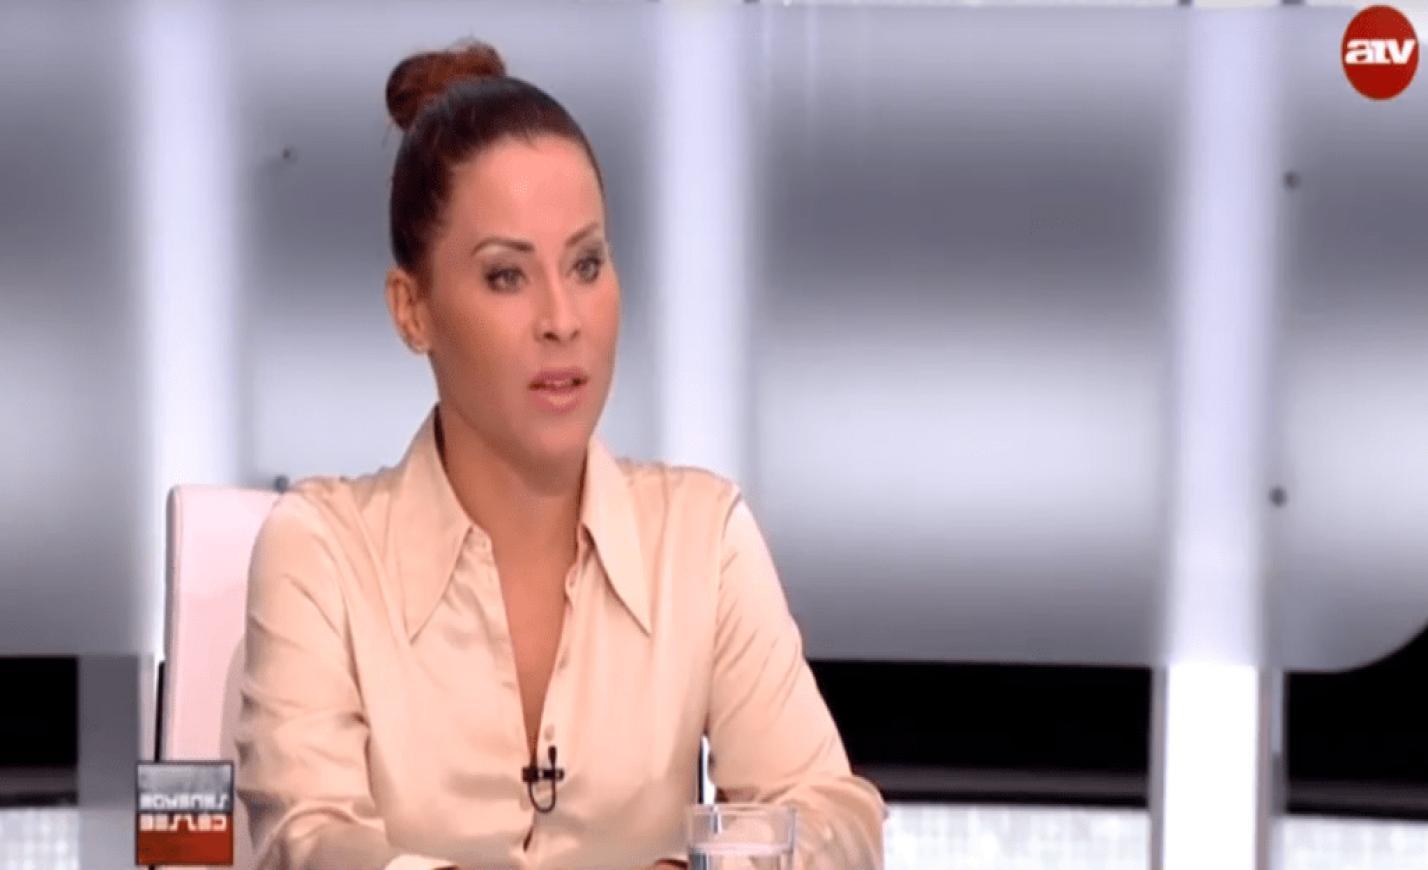 Tornóczky Anita: Who the fuck is Tóth Andi?